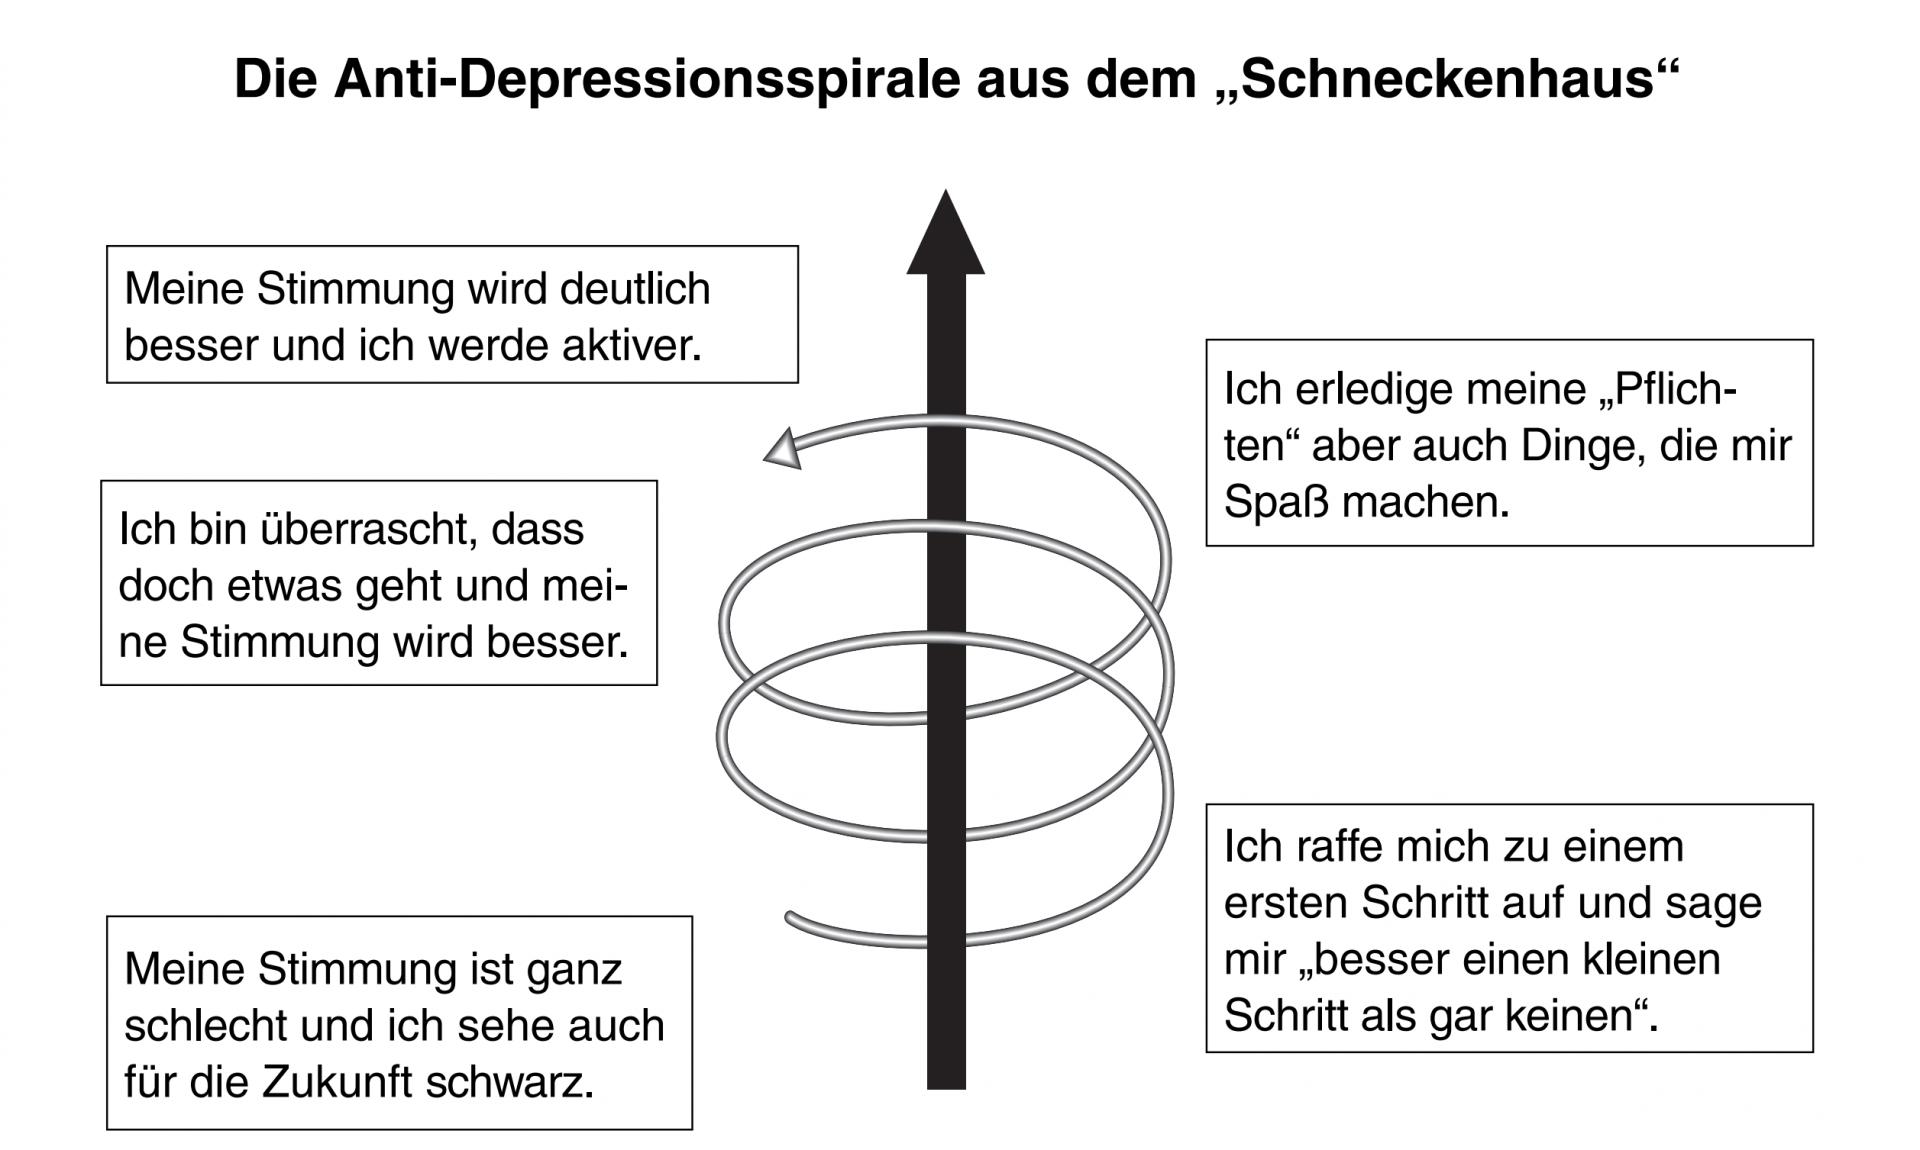 """Die Anti-Depressionsspirale aus dem """"Schneckenhaus"""""""